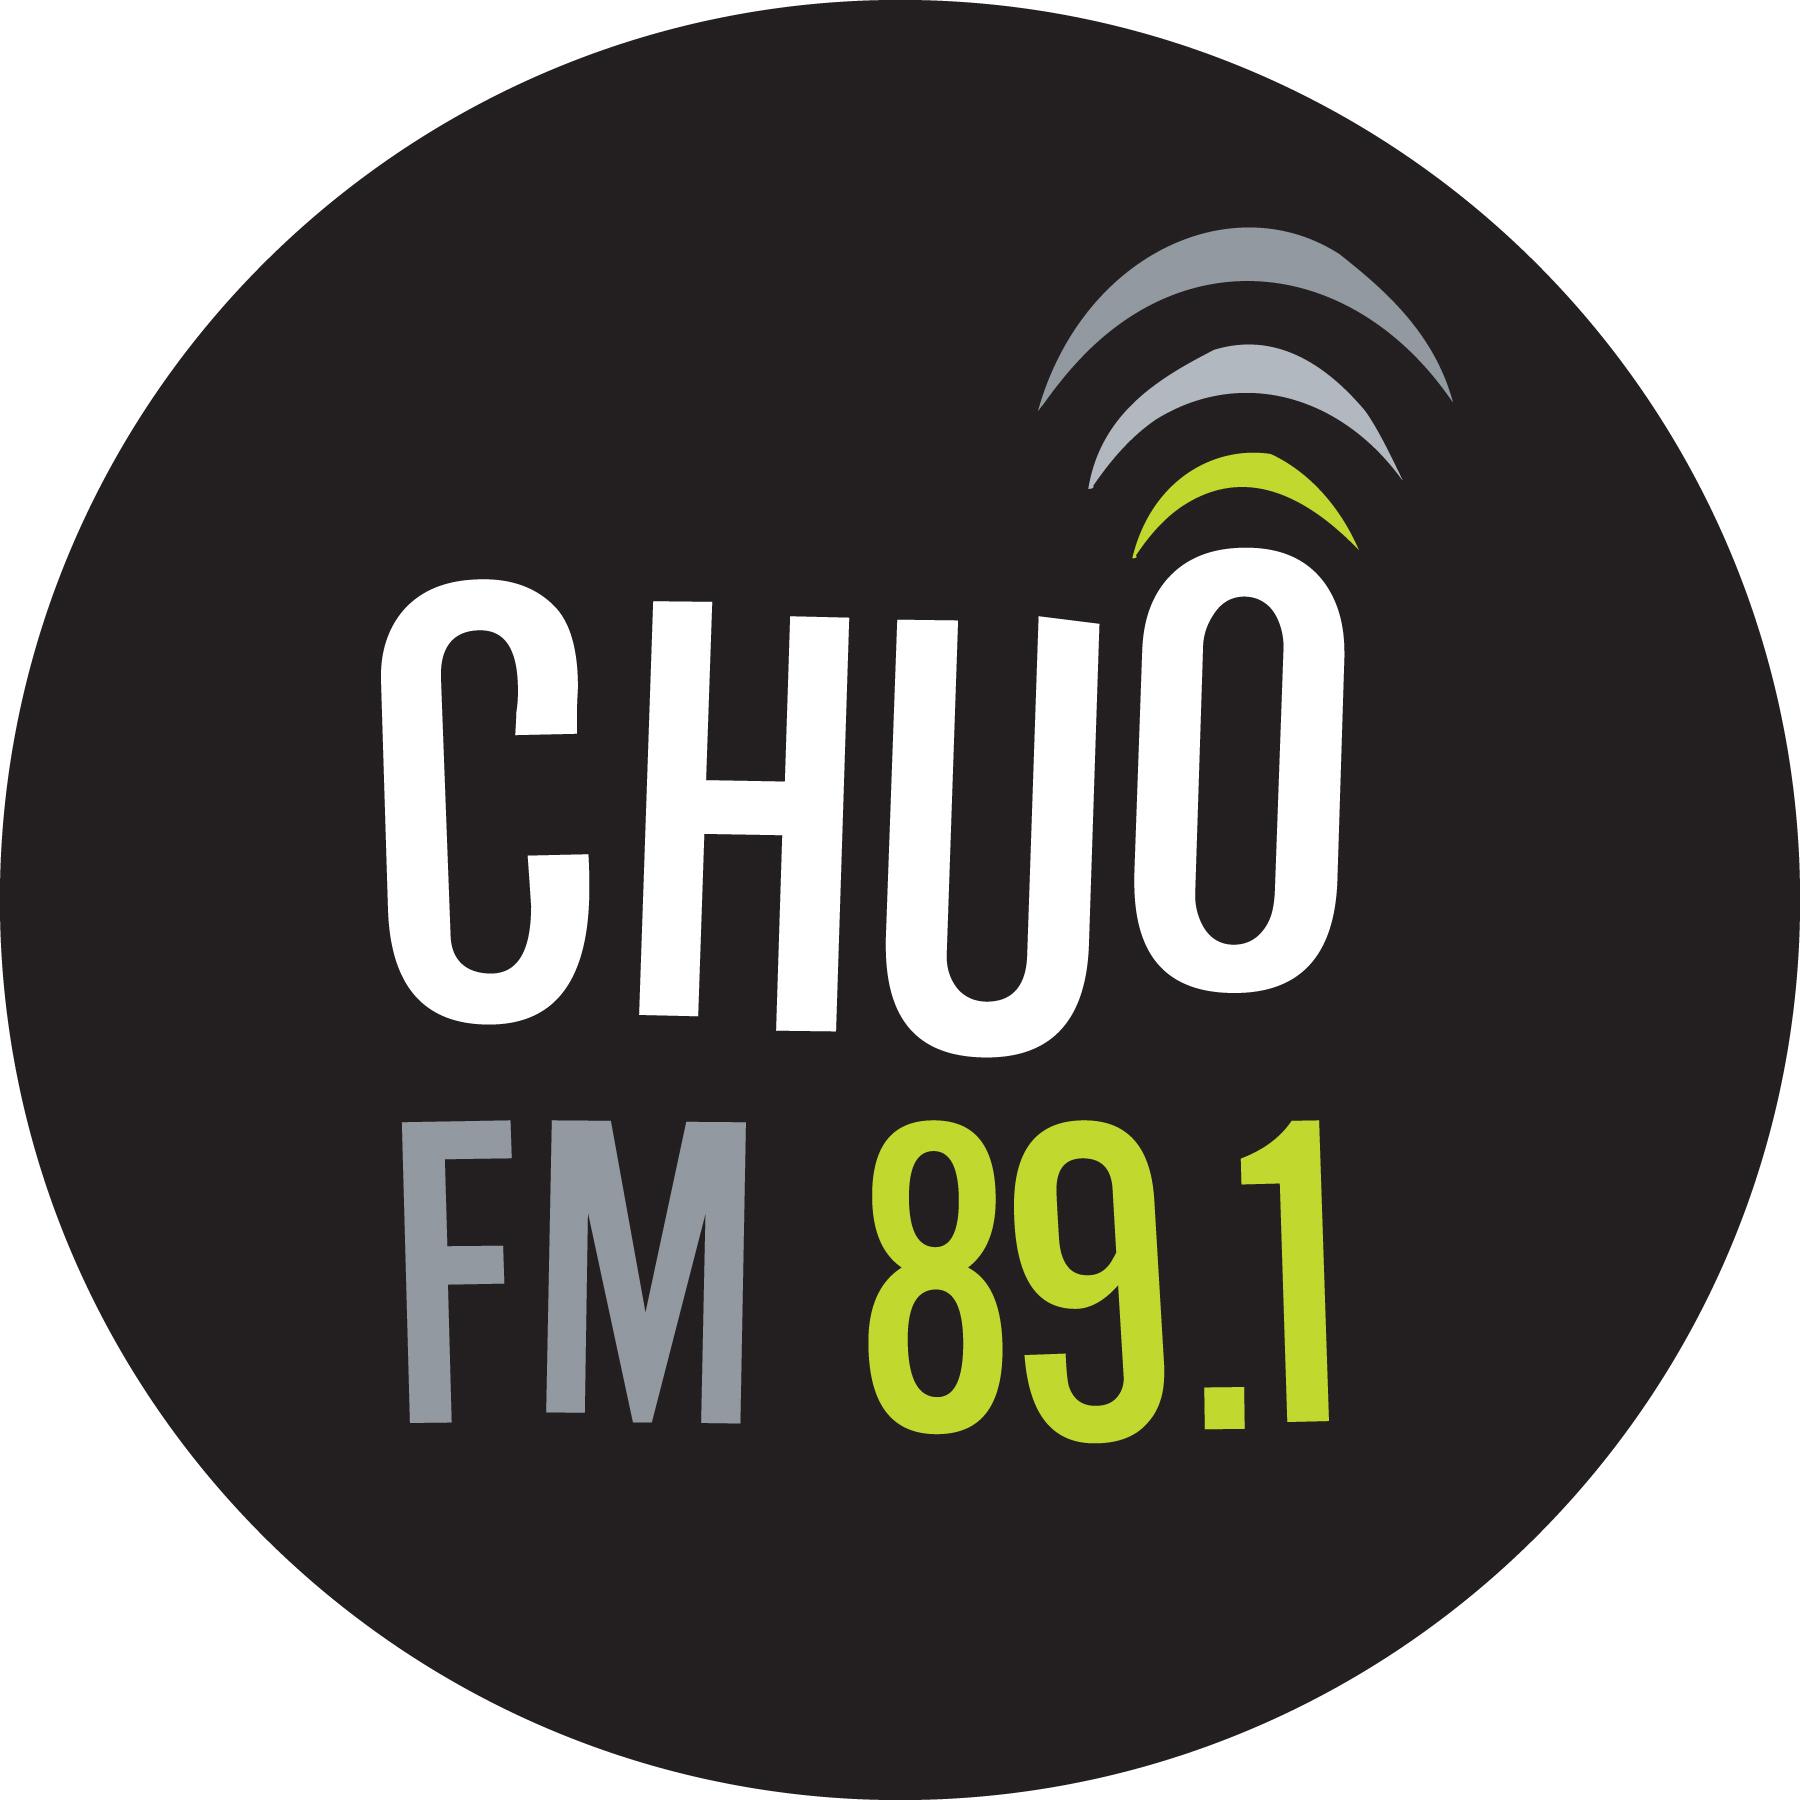 CHUO FM